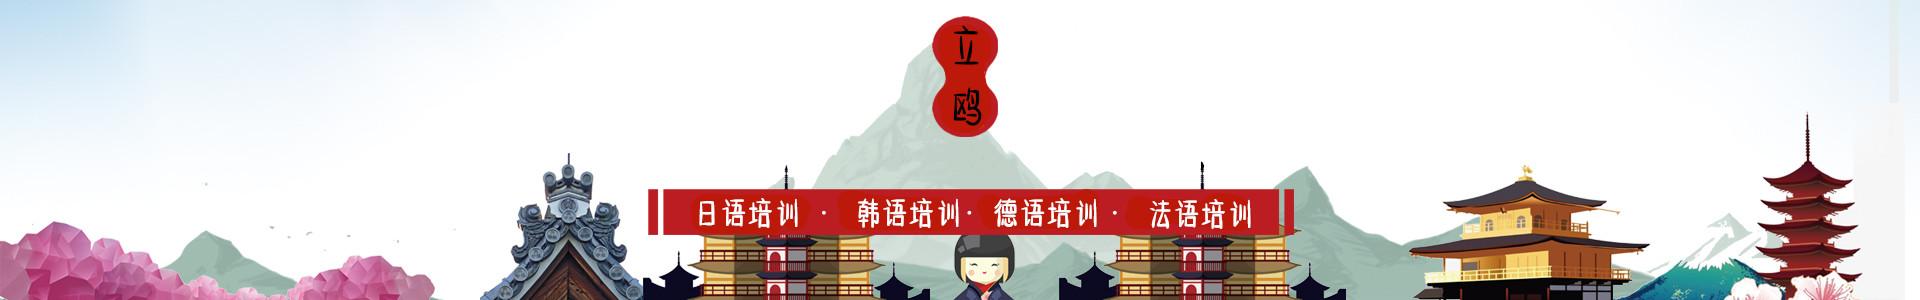 立鸥外语--日韩德法小语种学习中心